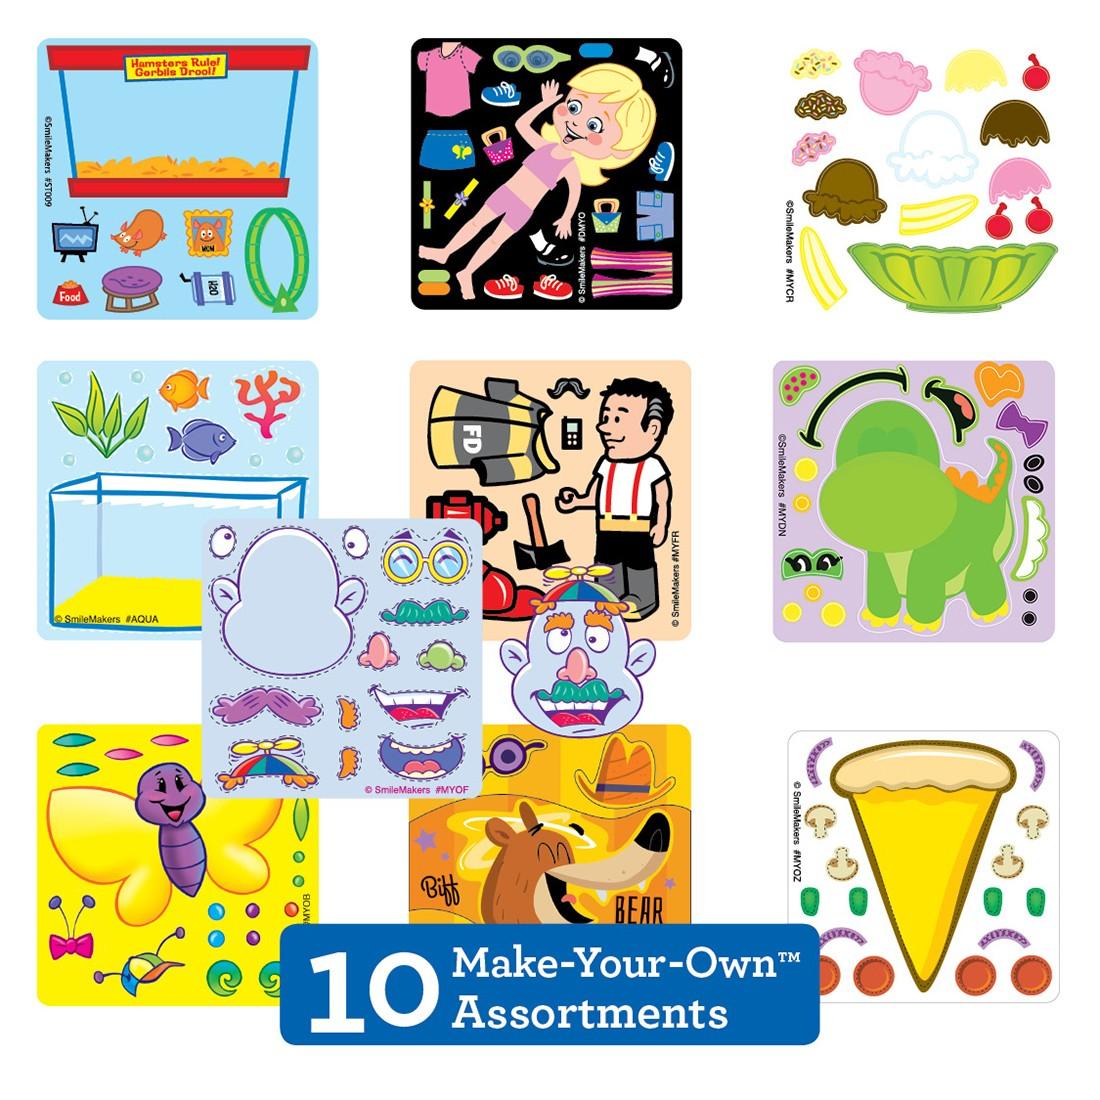 Make-Your-Own™ Sticker Sampler                [image]